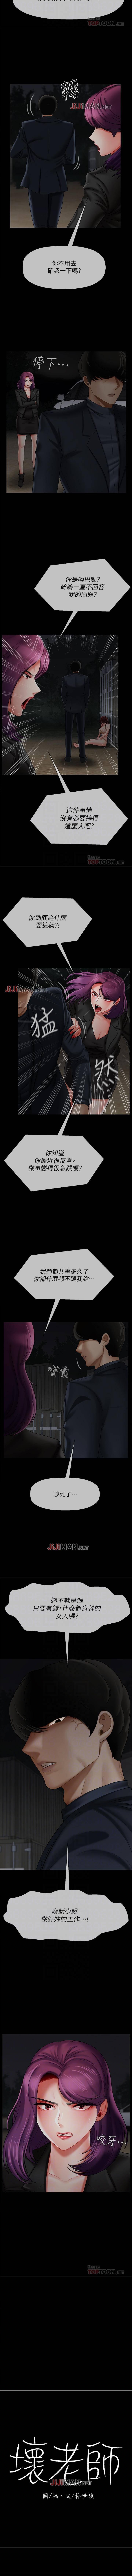 【已休刊】坏老师(作者:朴世談&福) 第1~31话 85